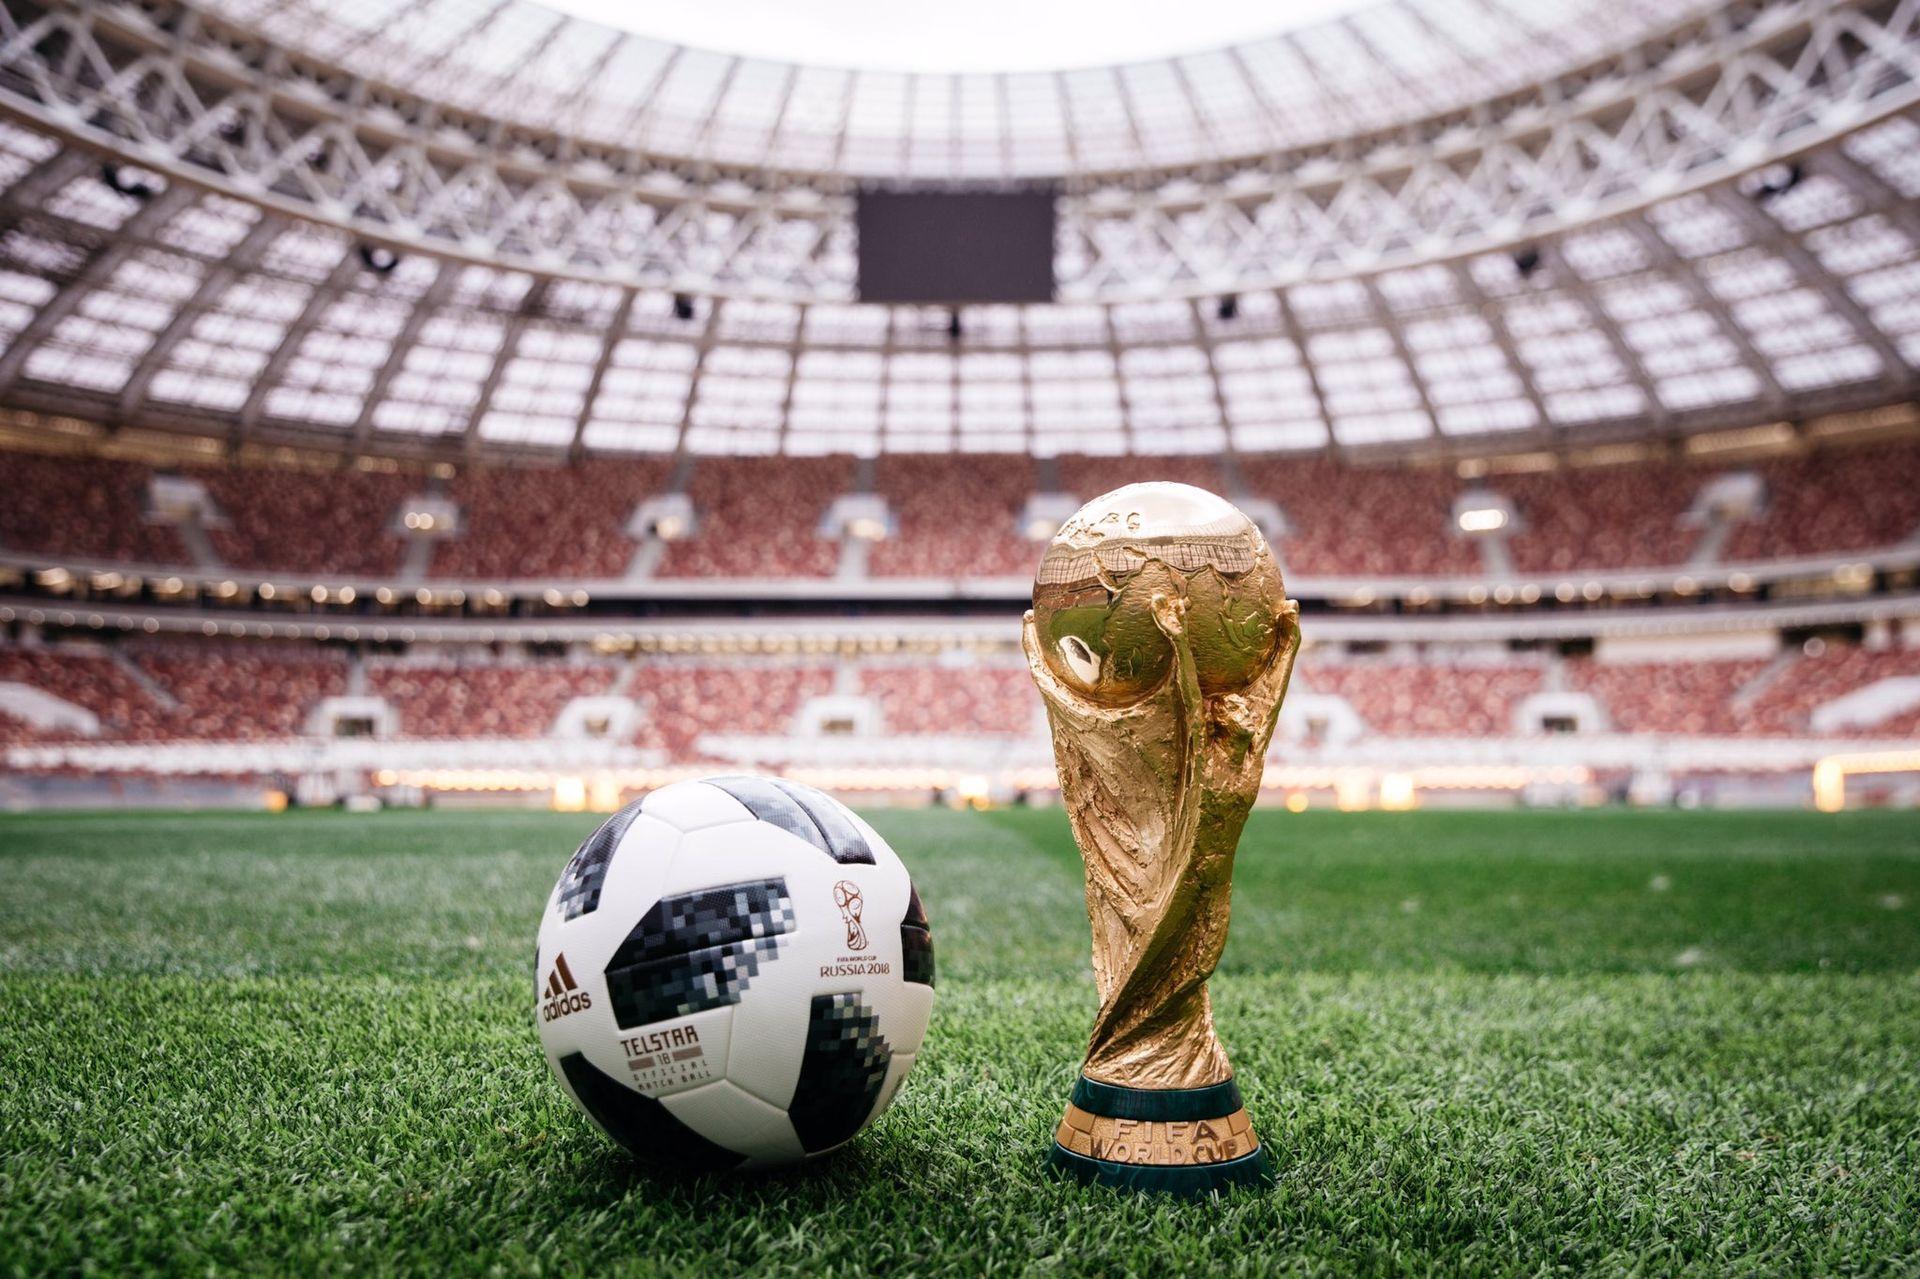 adidas Micoach Smart Soccer Ball | Soccer ball, Soccer